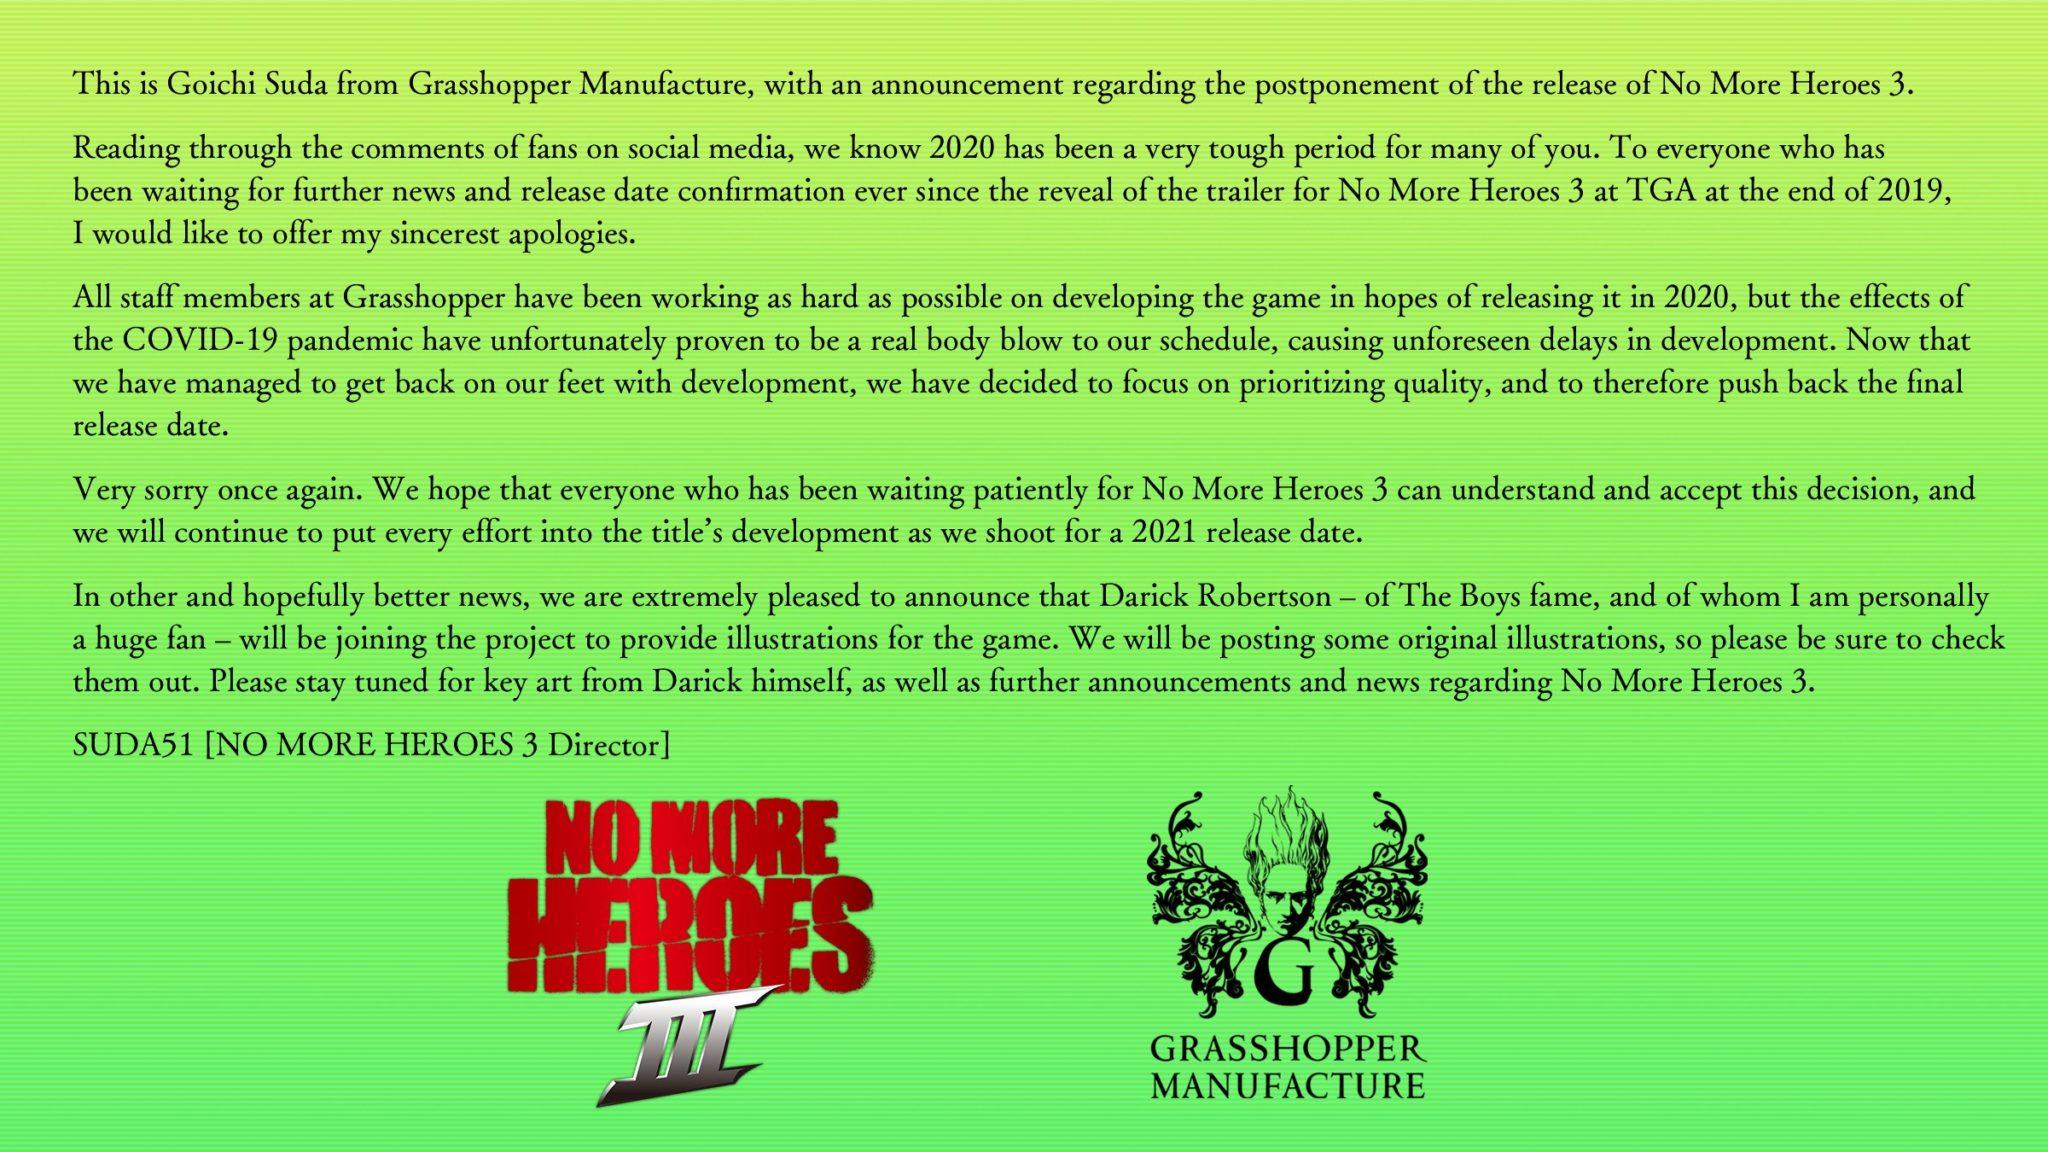 No More Heroes 3 - Delay Notice